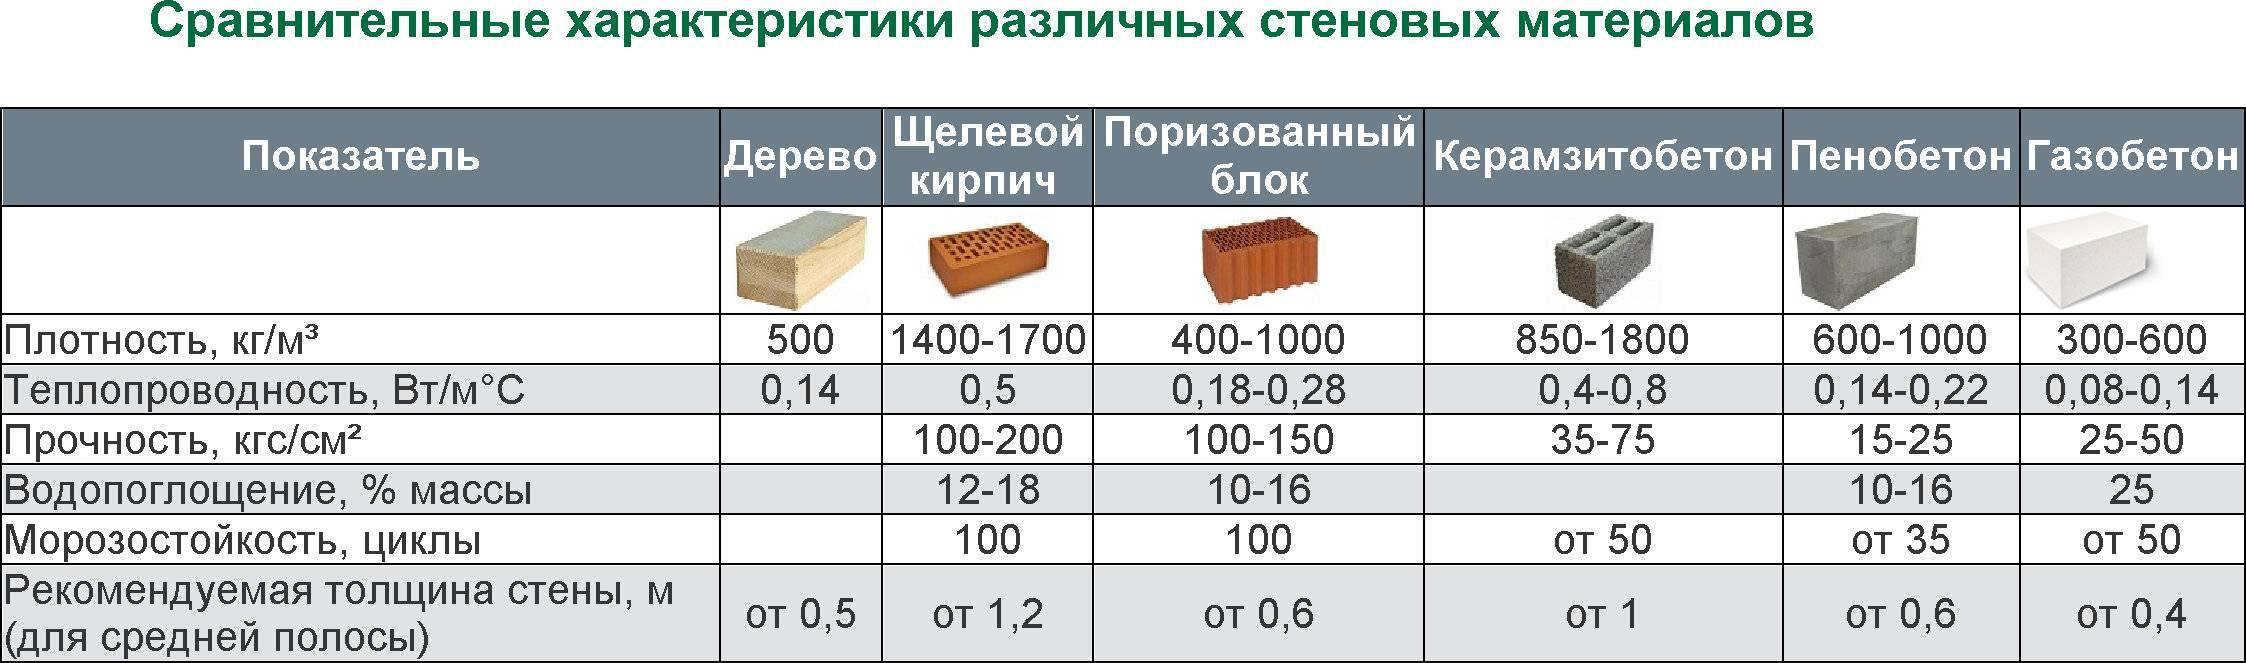 Пеноблок (71 фото): технические характеристики пенобетона, плюсы и минусы блоков